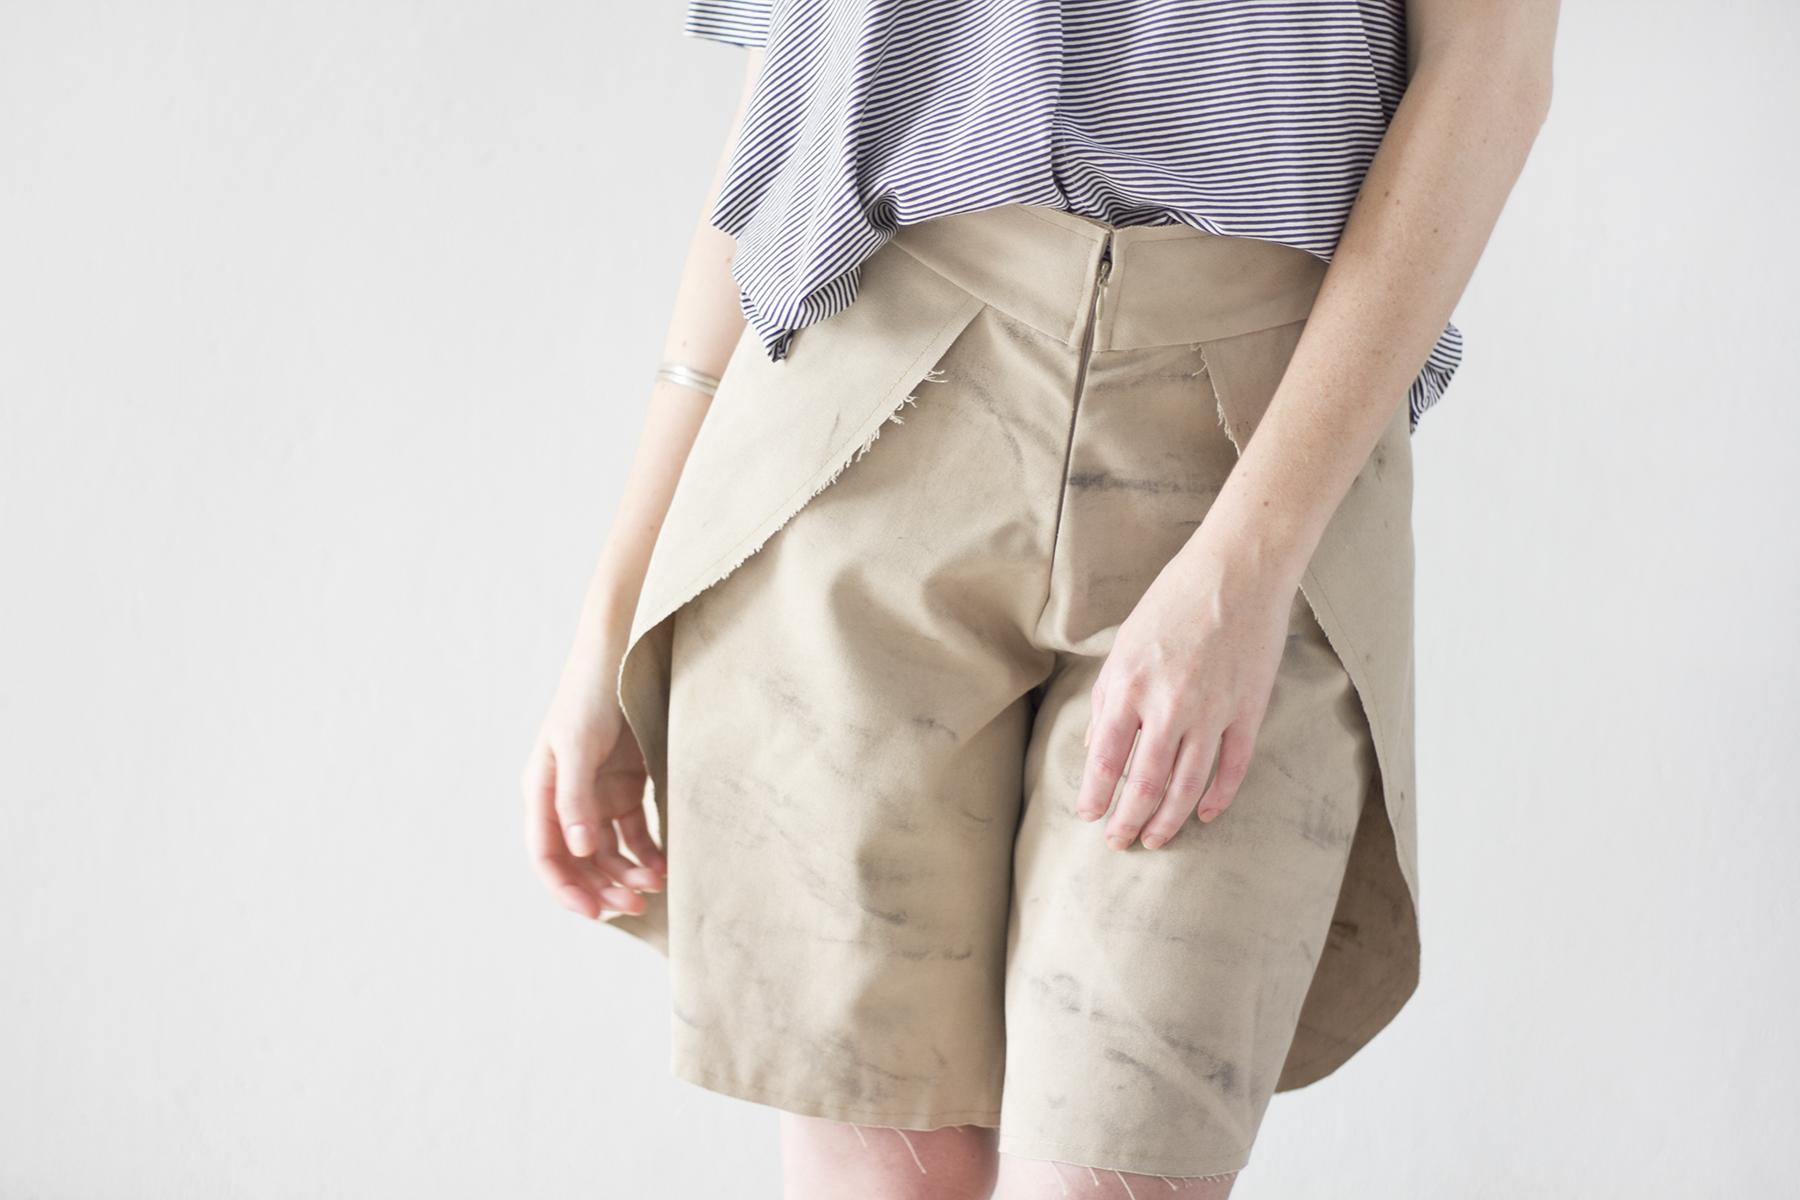 Marca slow fashion usa lonas e redes tirados do mar para criar coleção6